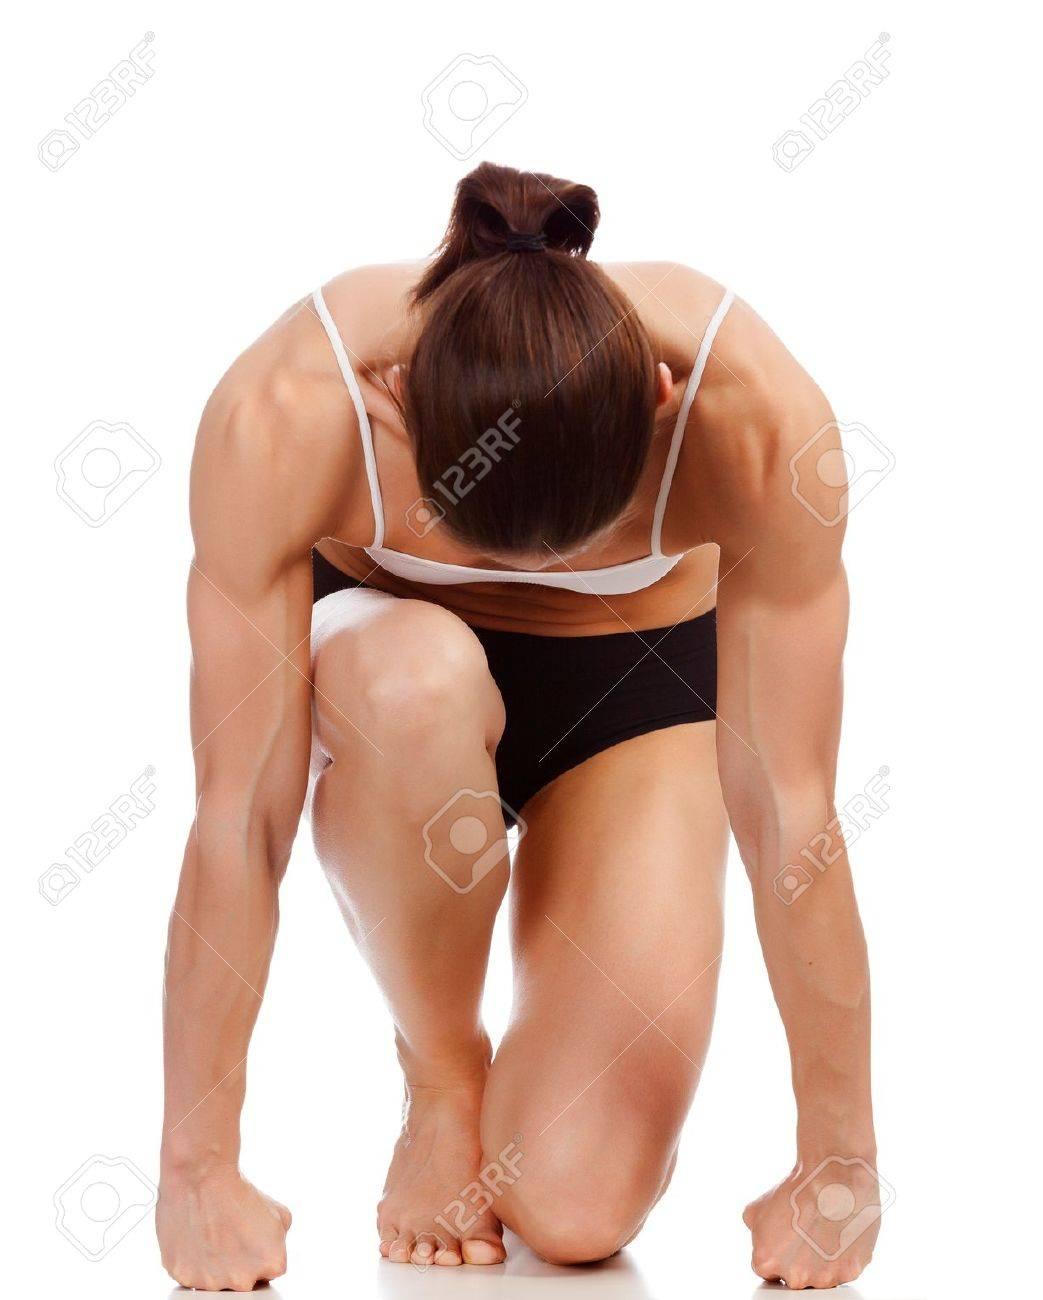 Female fitness bodybuilder posing against white background Stock Photo - 12499076